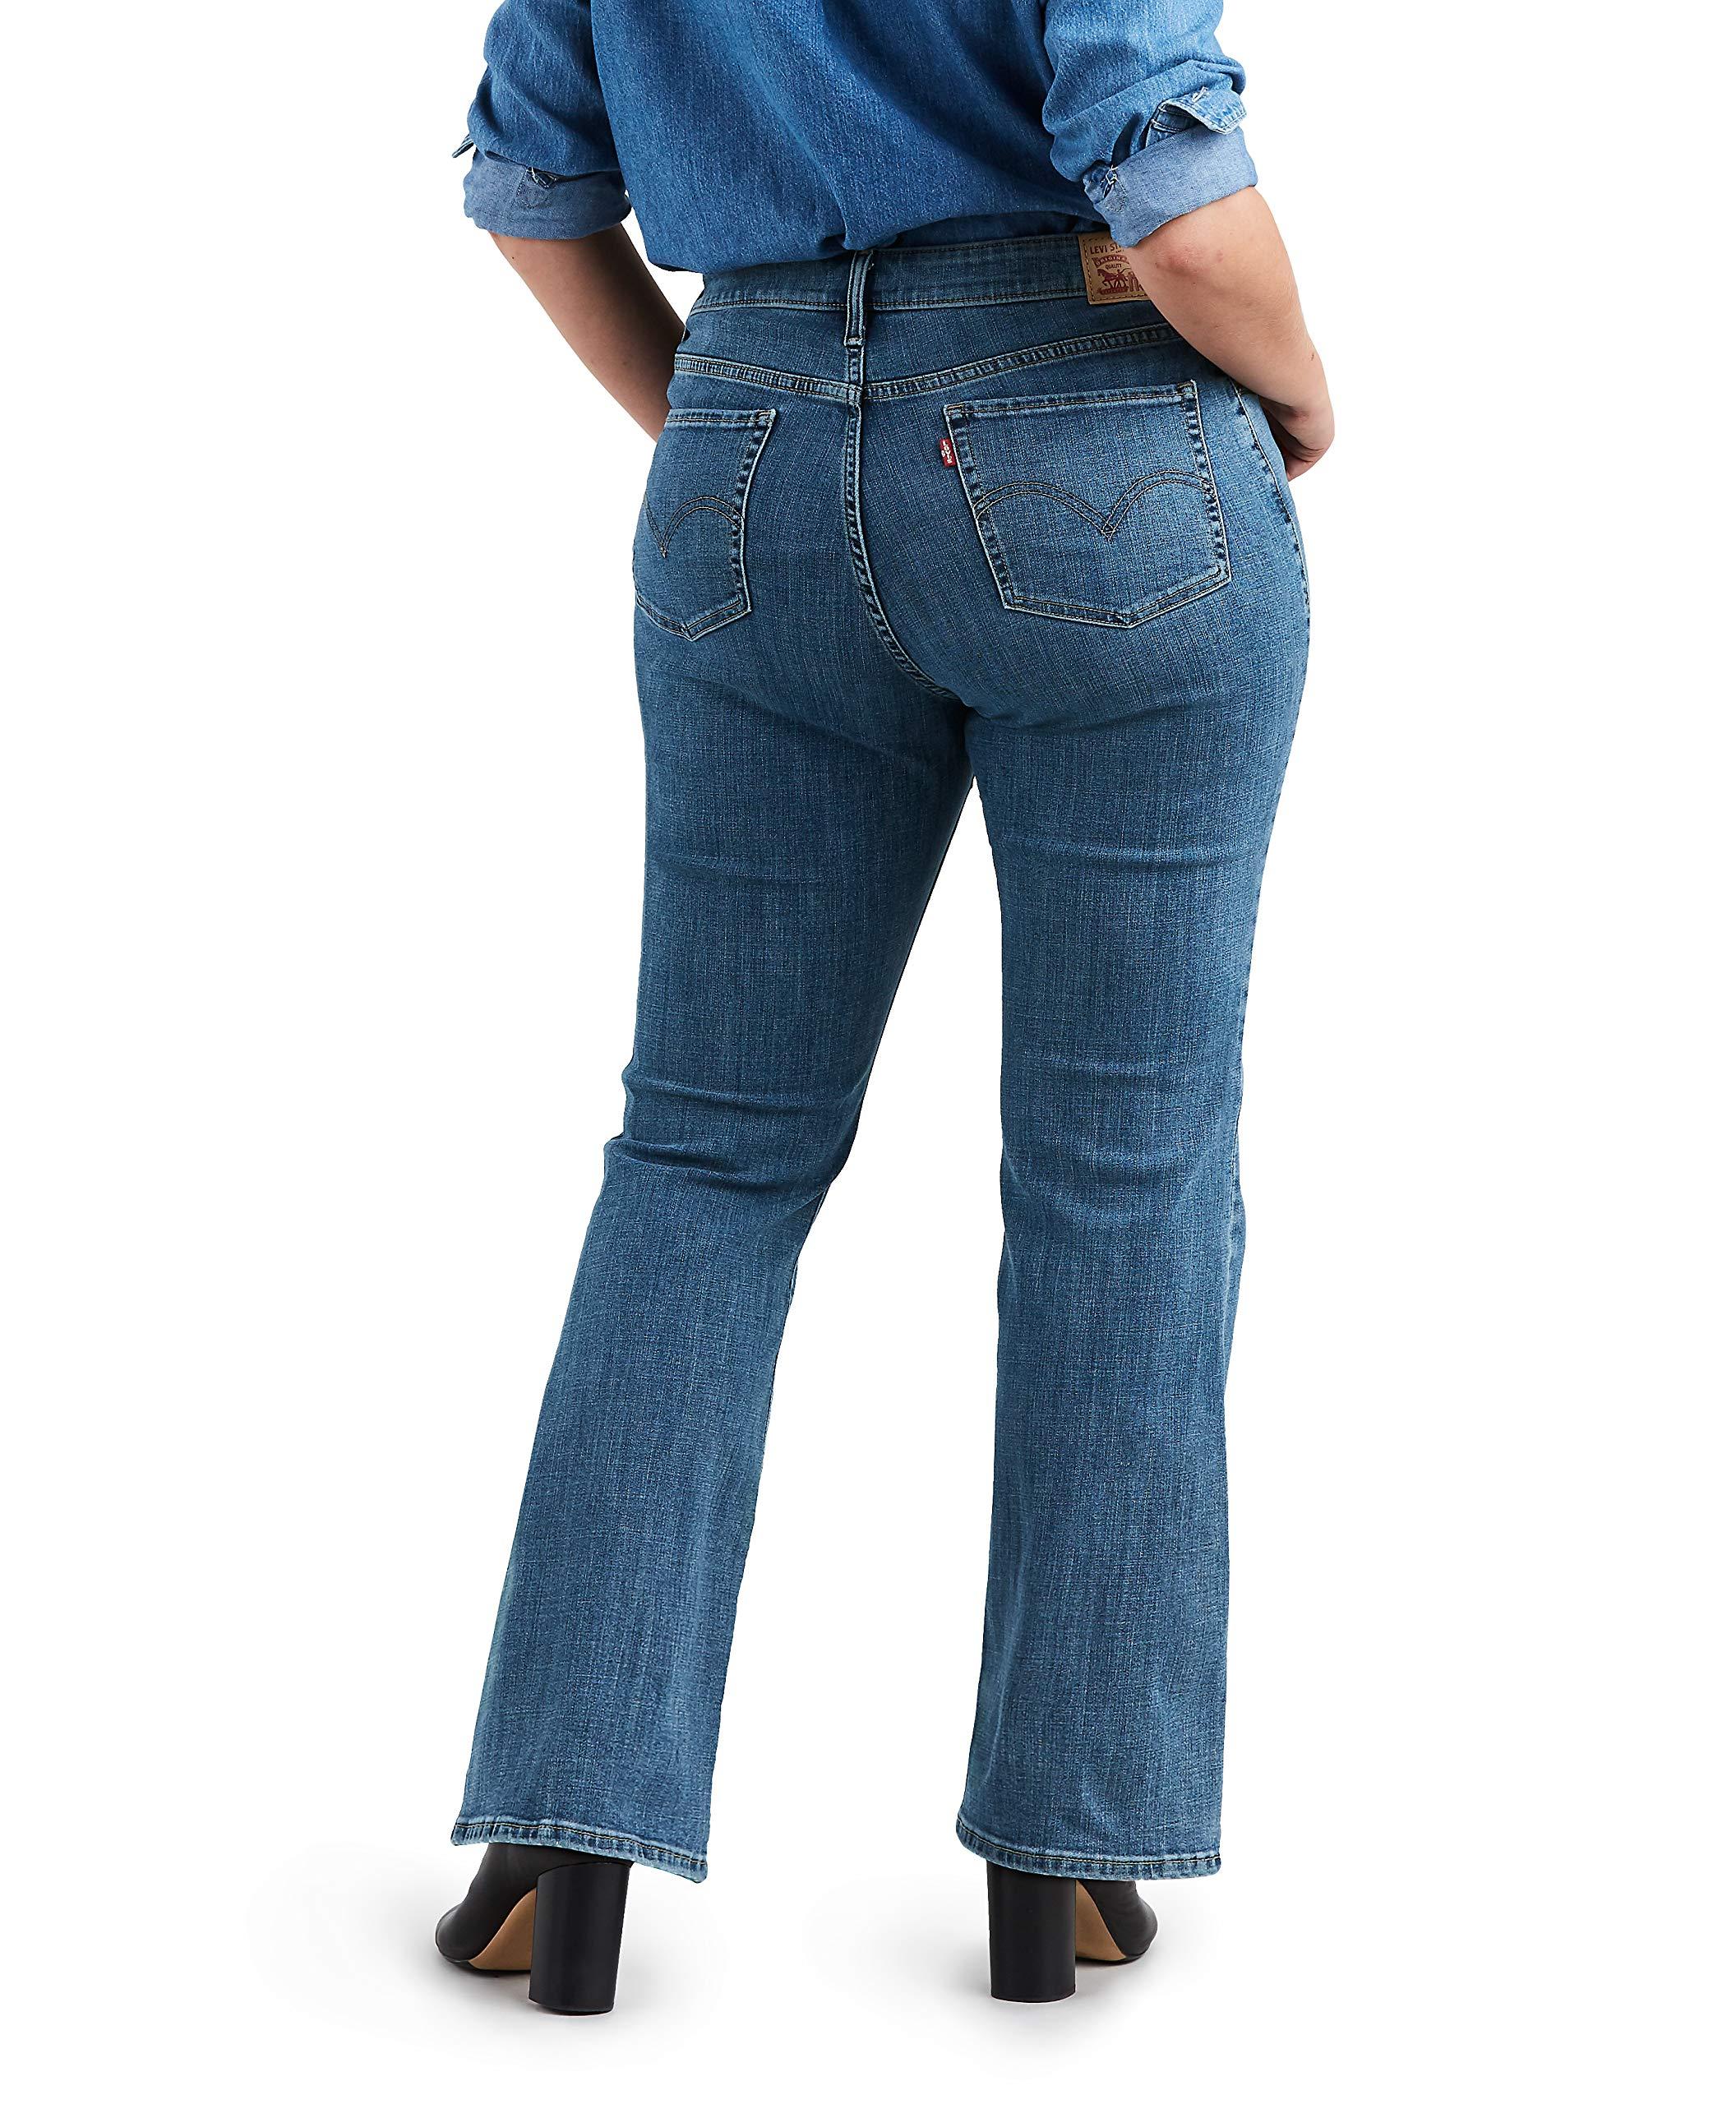 Levis Womens Plus-Size Classic Bootcut Jeans